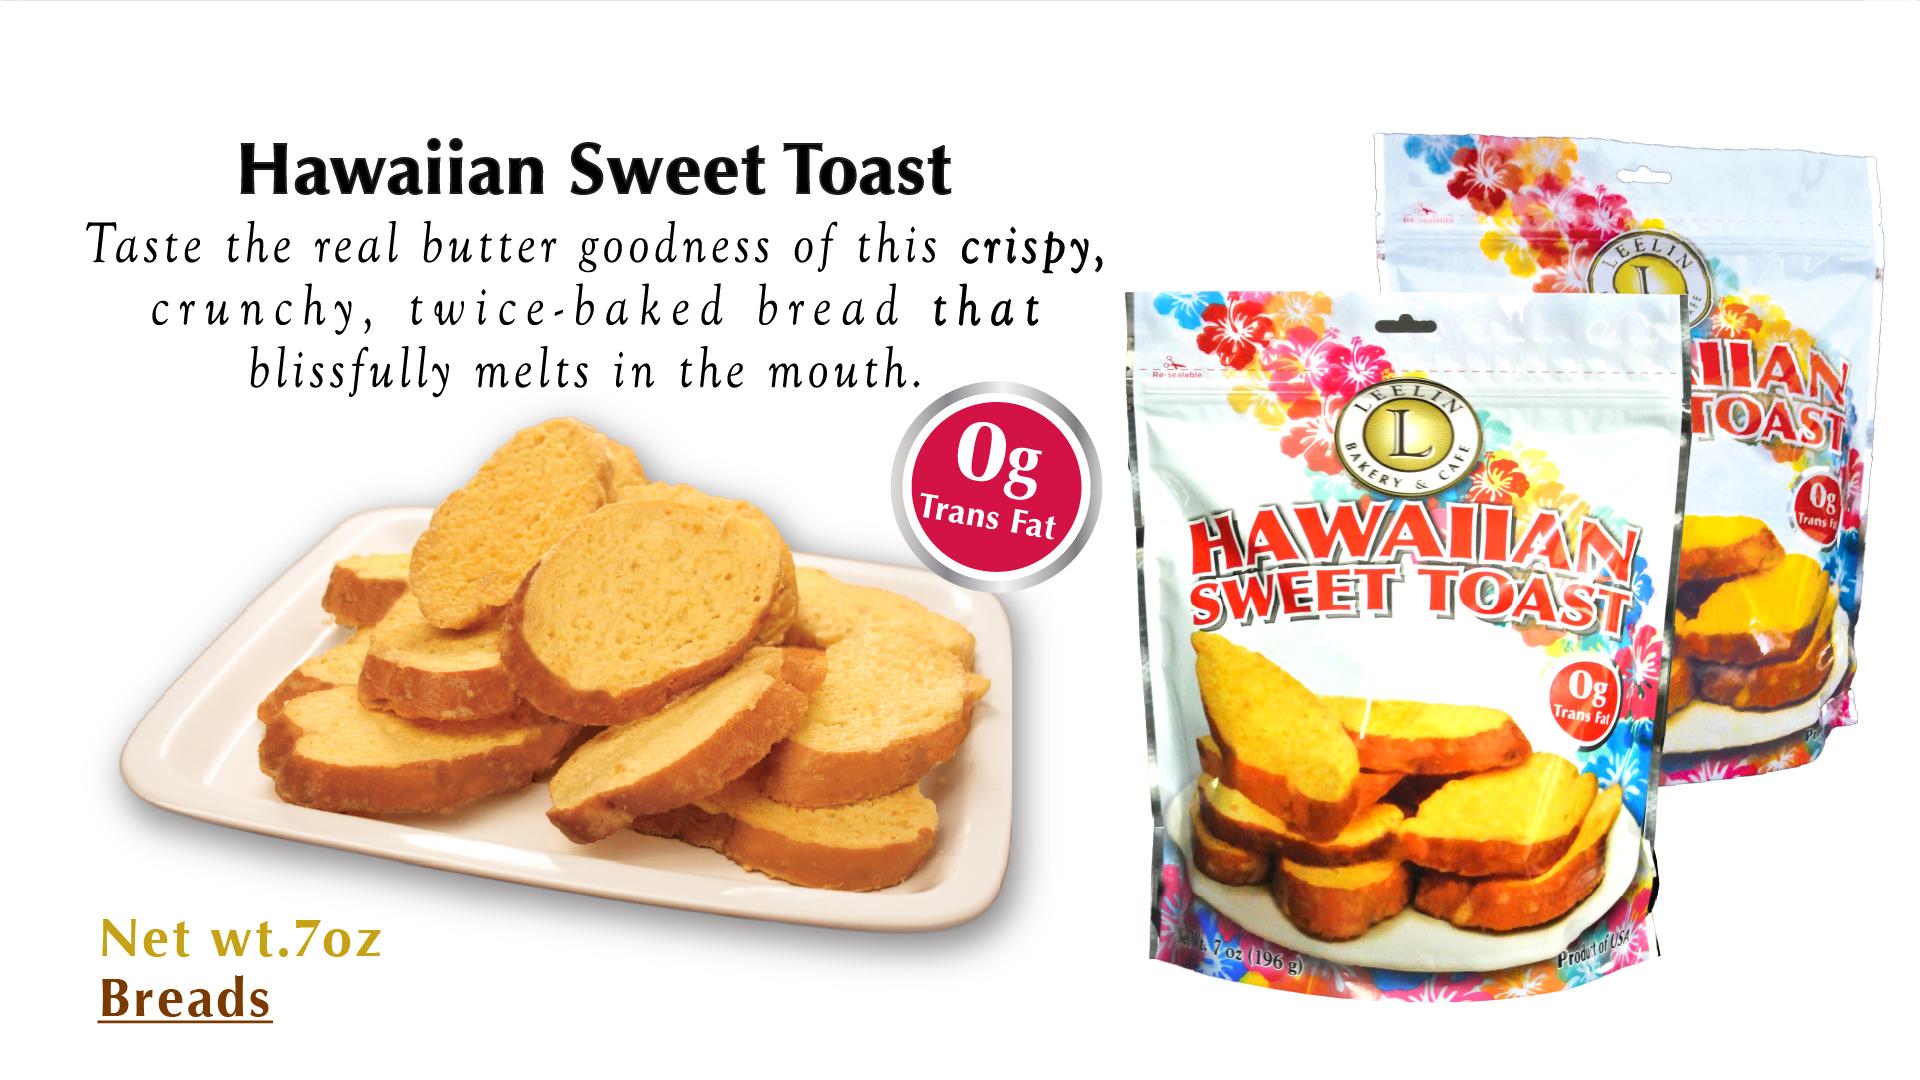 021 Hawaiian Sweet Toast 1920x1080.jpg